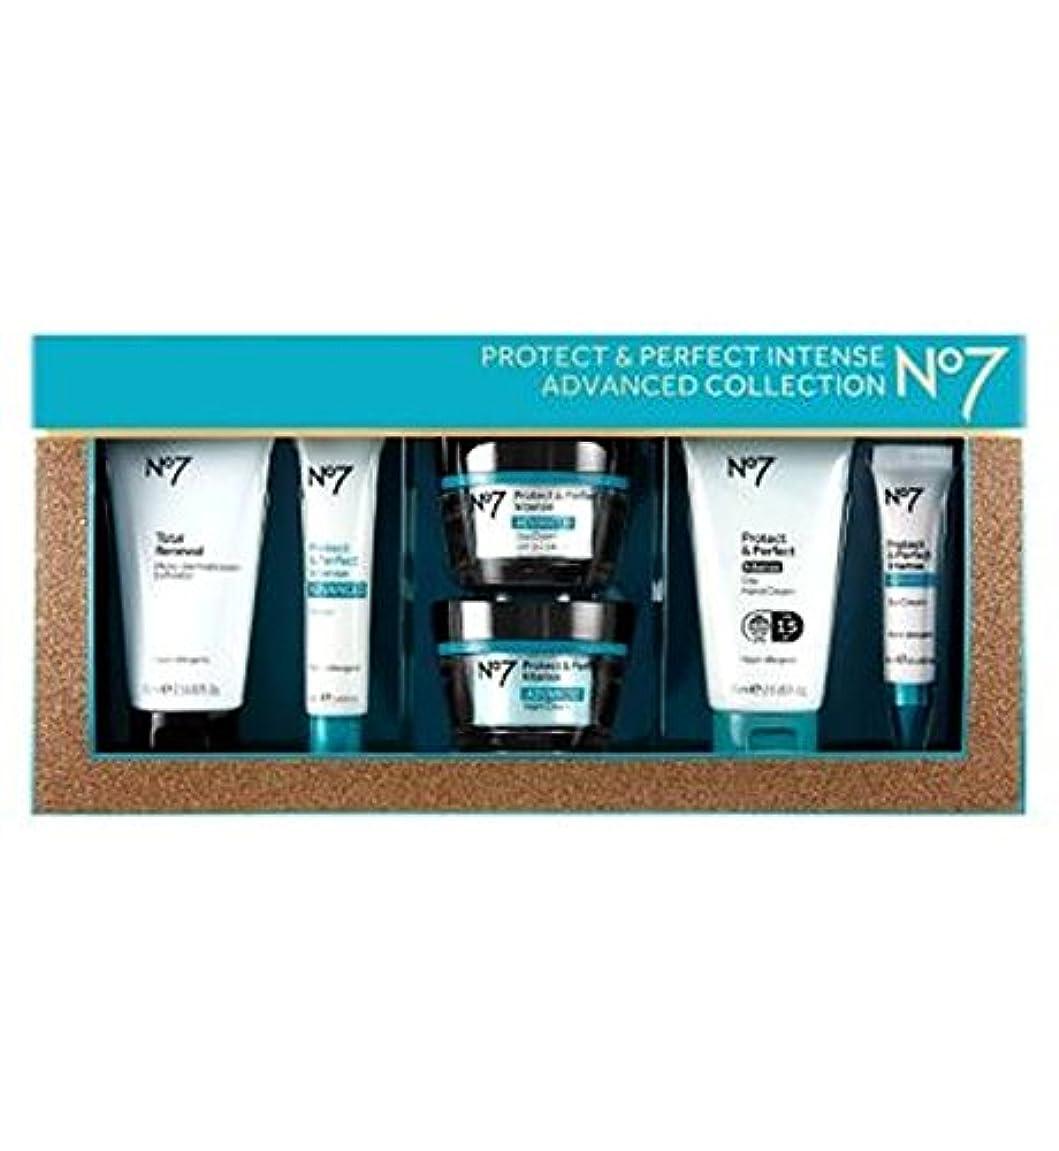 ライフル東方匹敵しますNo7保護&完璧な強烈な高度なコレクション (No7) (x2) - No7 Protect & Perfect Intense ADVANCED Collection (Pack of 2) [並行輸入品]